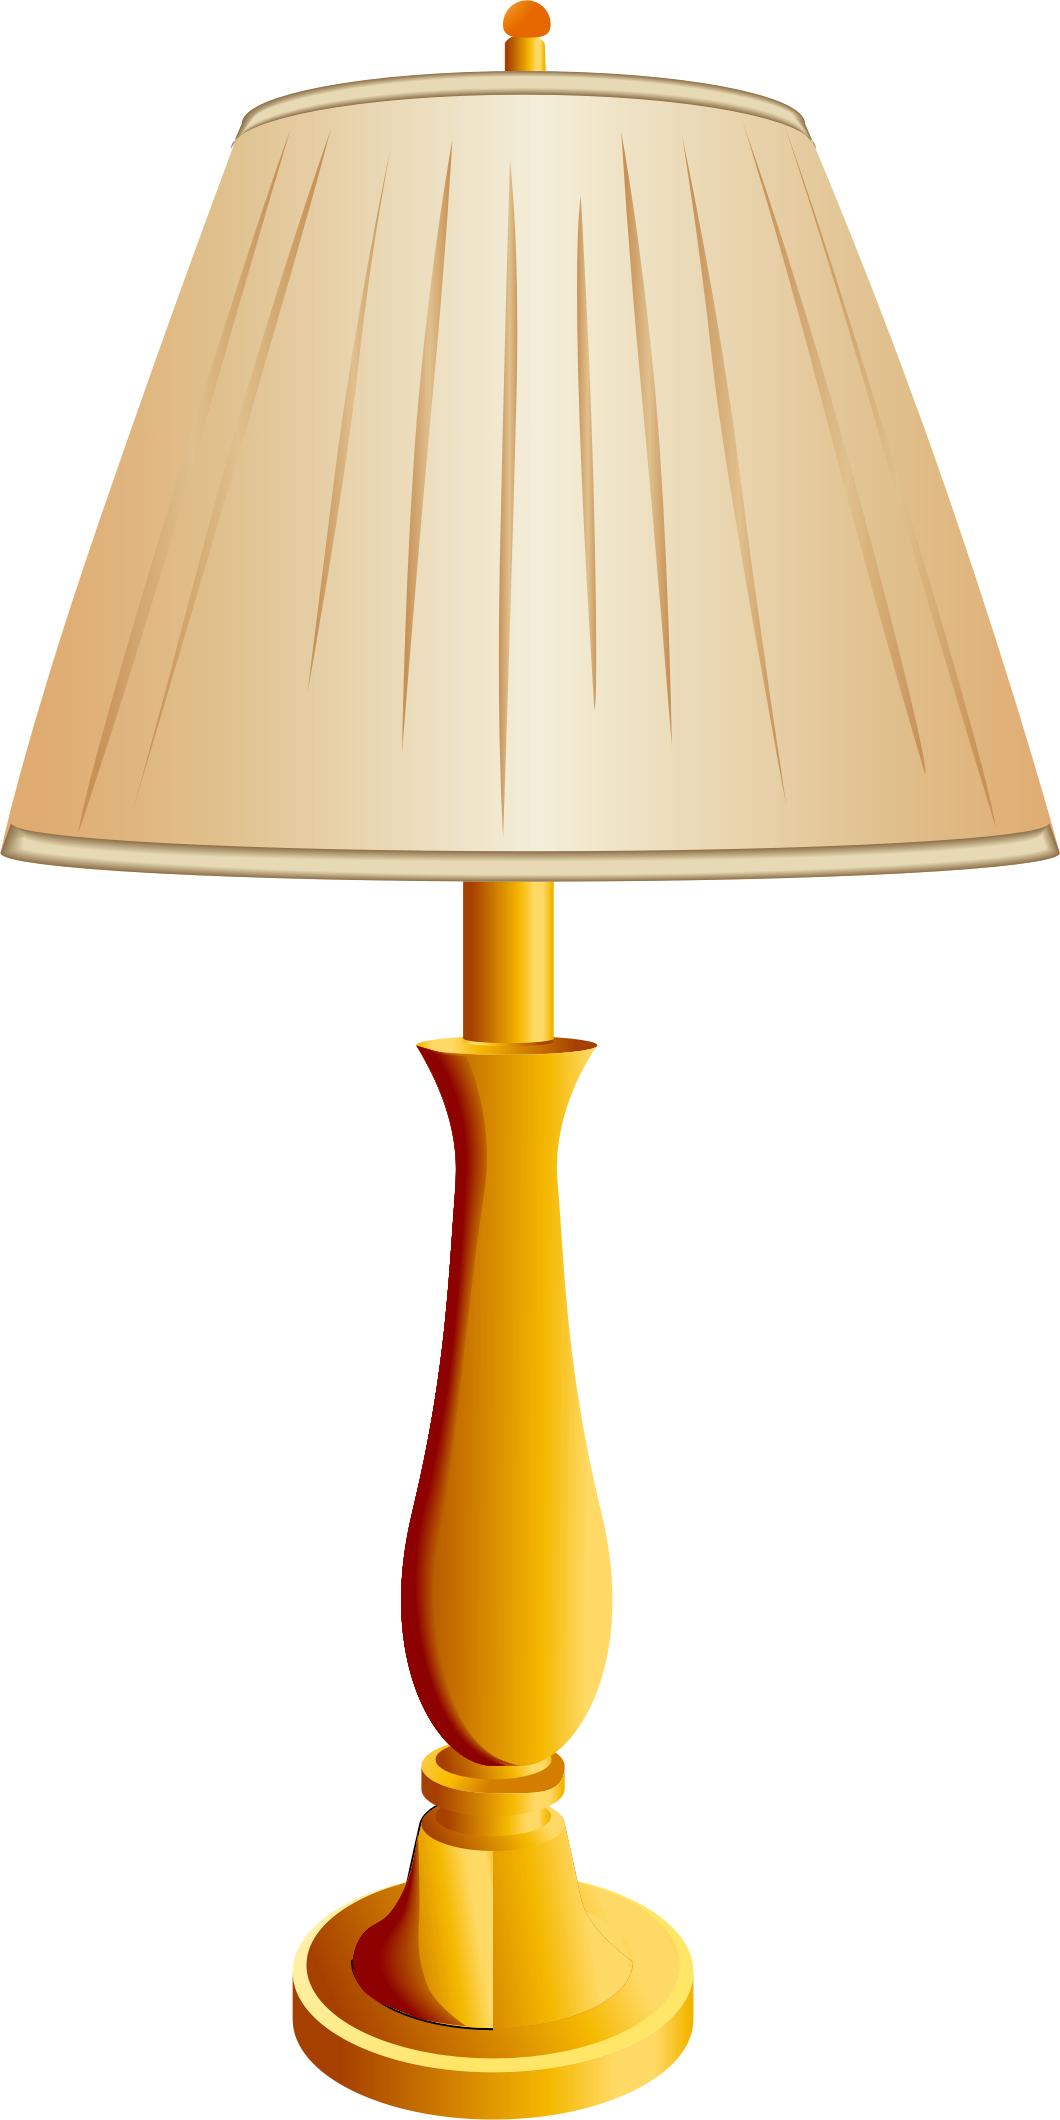 Картинки на прозрачном фоне лампа